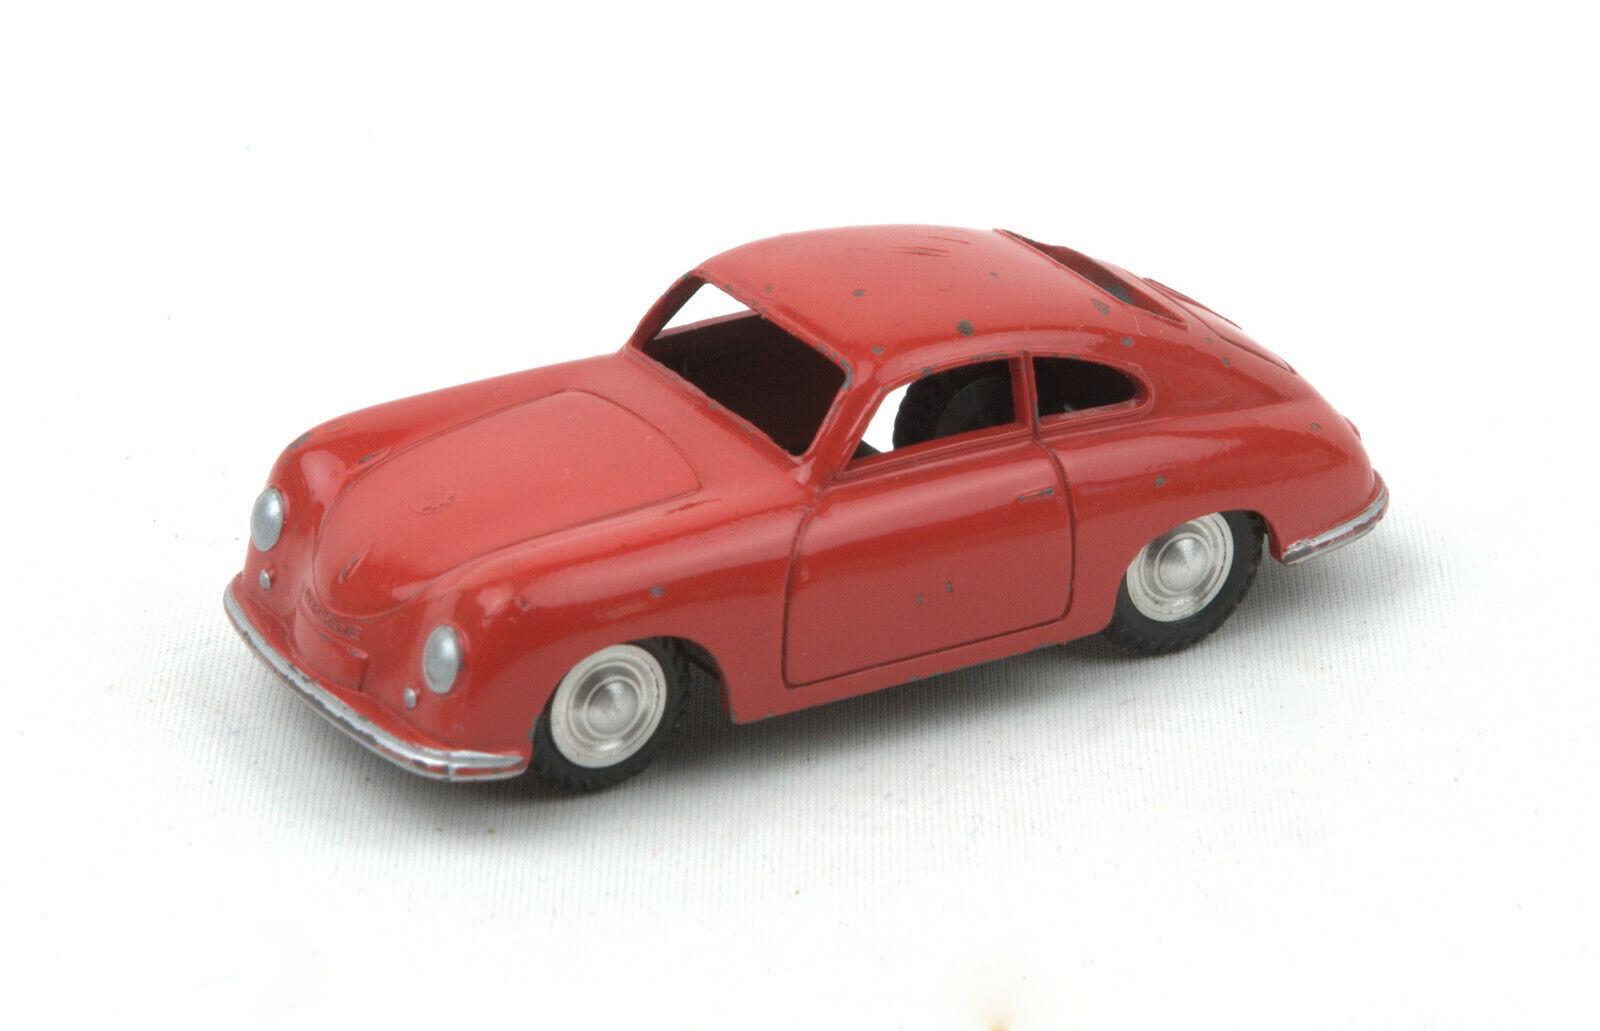 Vintage Marklin (Alemania) No.5524 2 (8004) Porsche 356 1500 Coupe 1950s